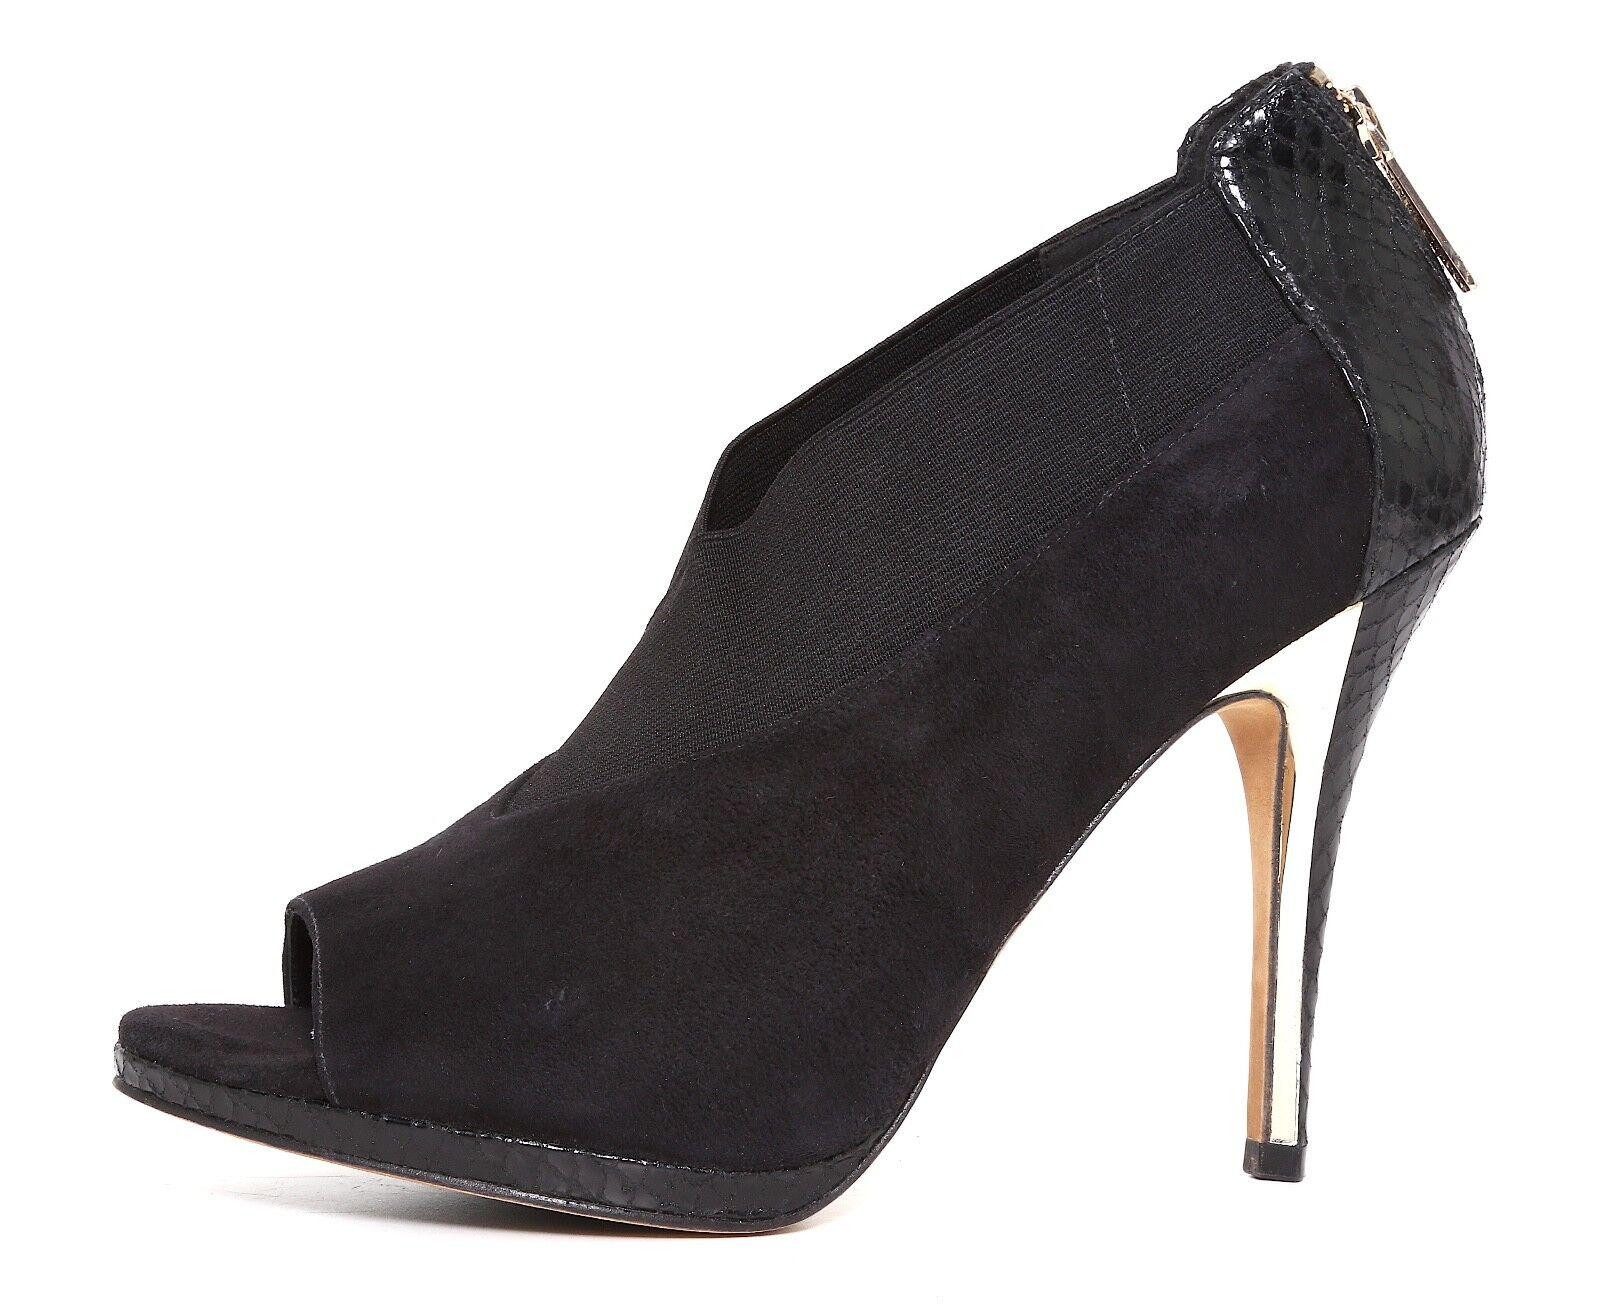 Donald J Pliner High Heel Suede Peep Toe Bootie Black Women Sz 9.5 M 1551